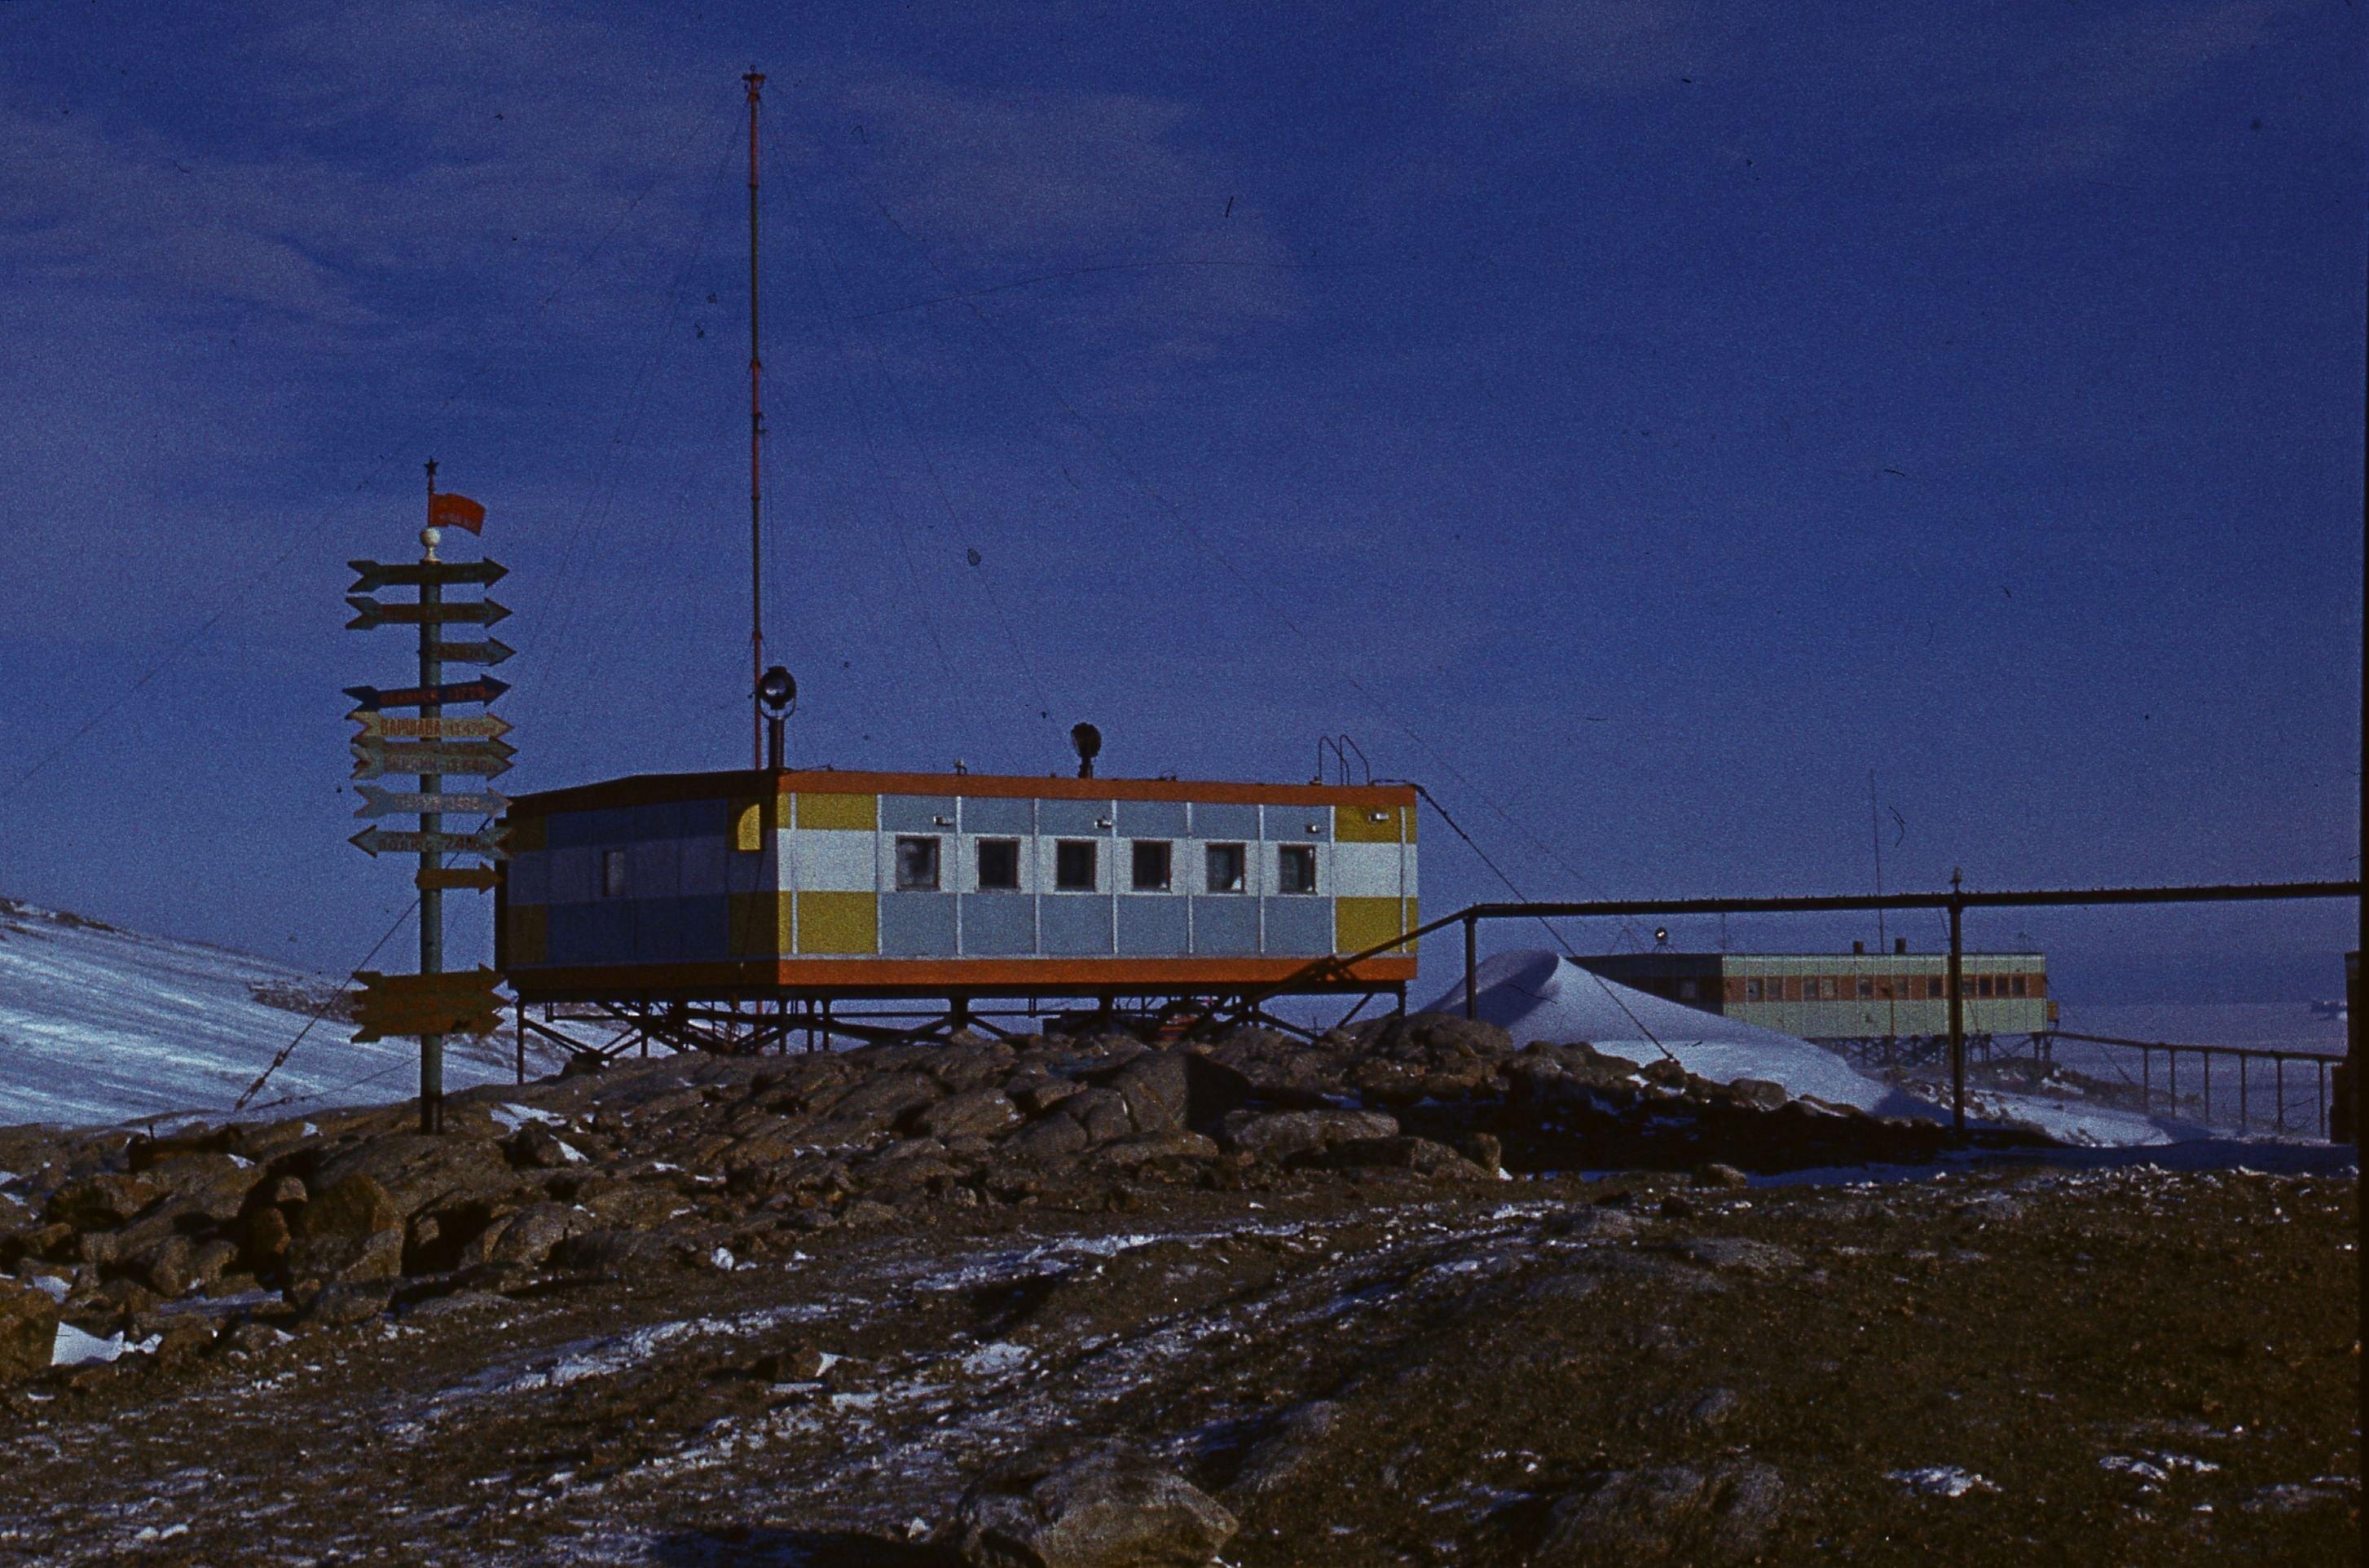 830164 Антарктическая станция _Молодёжная_.jpg